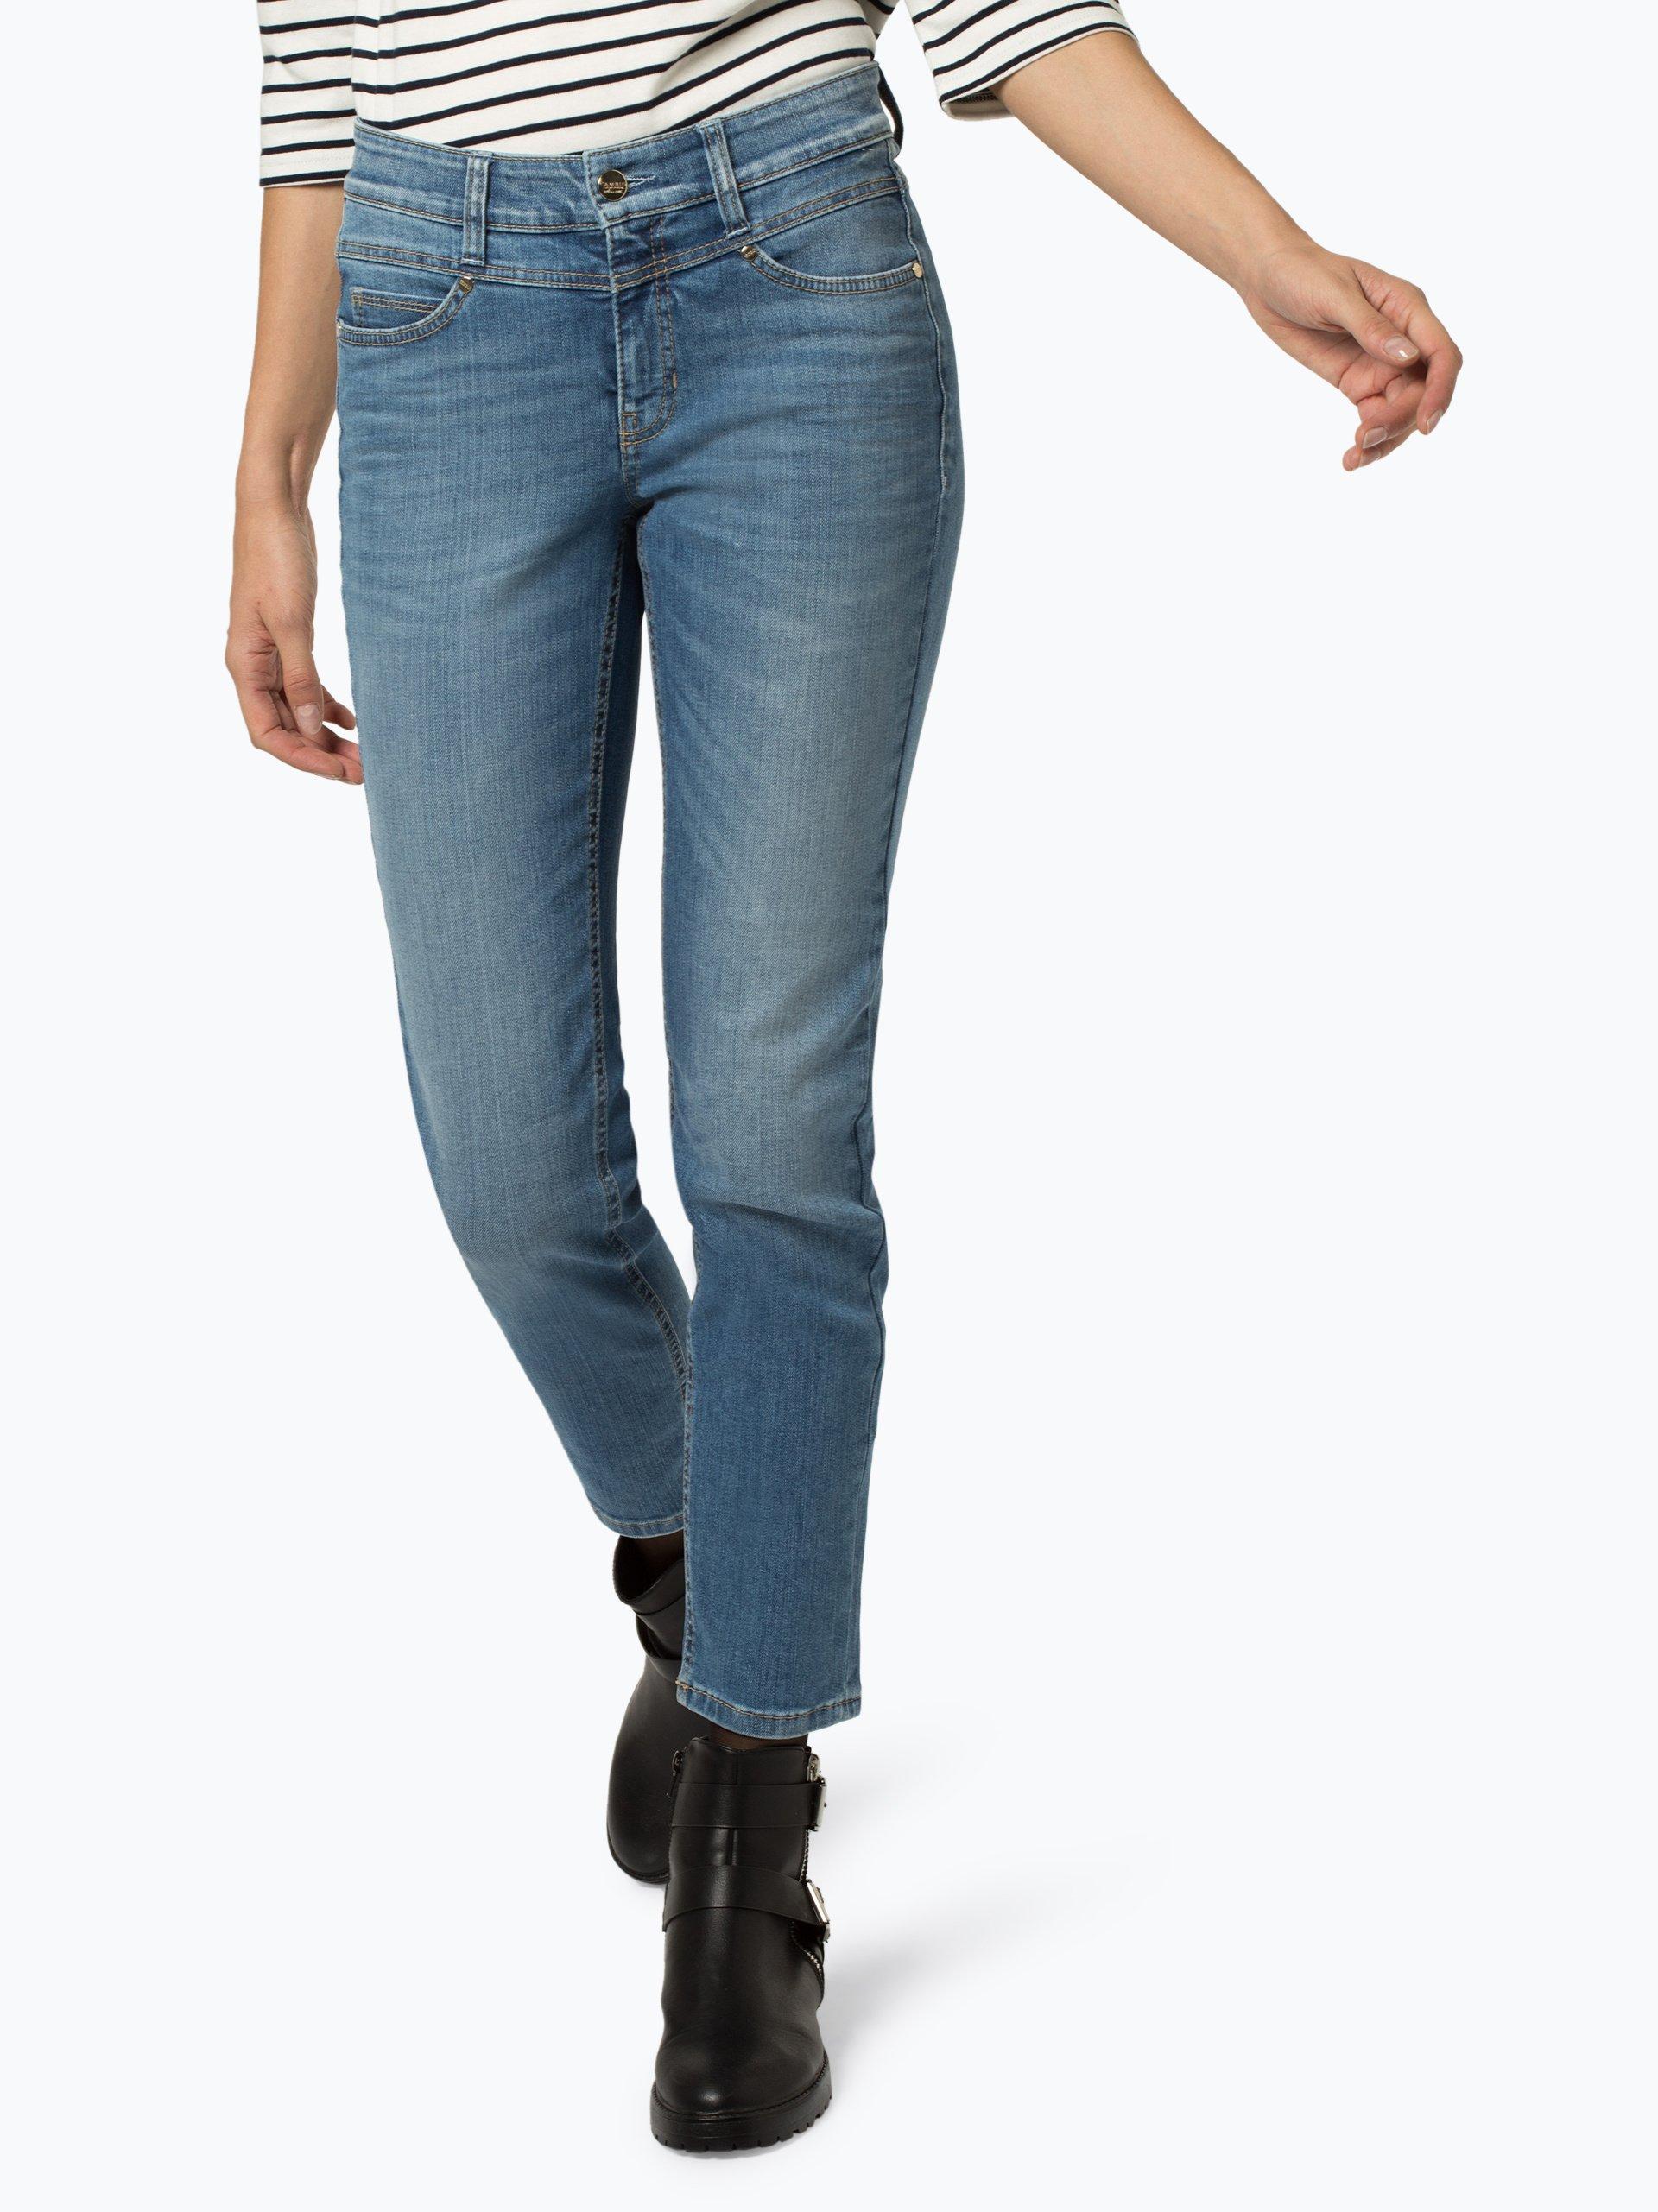 cambio damen jeans posh online kaufen peek und cloppenburg de. Black Bedroom Furniture Sets. Home Design Ideas